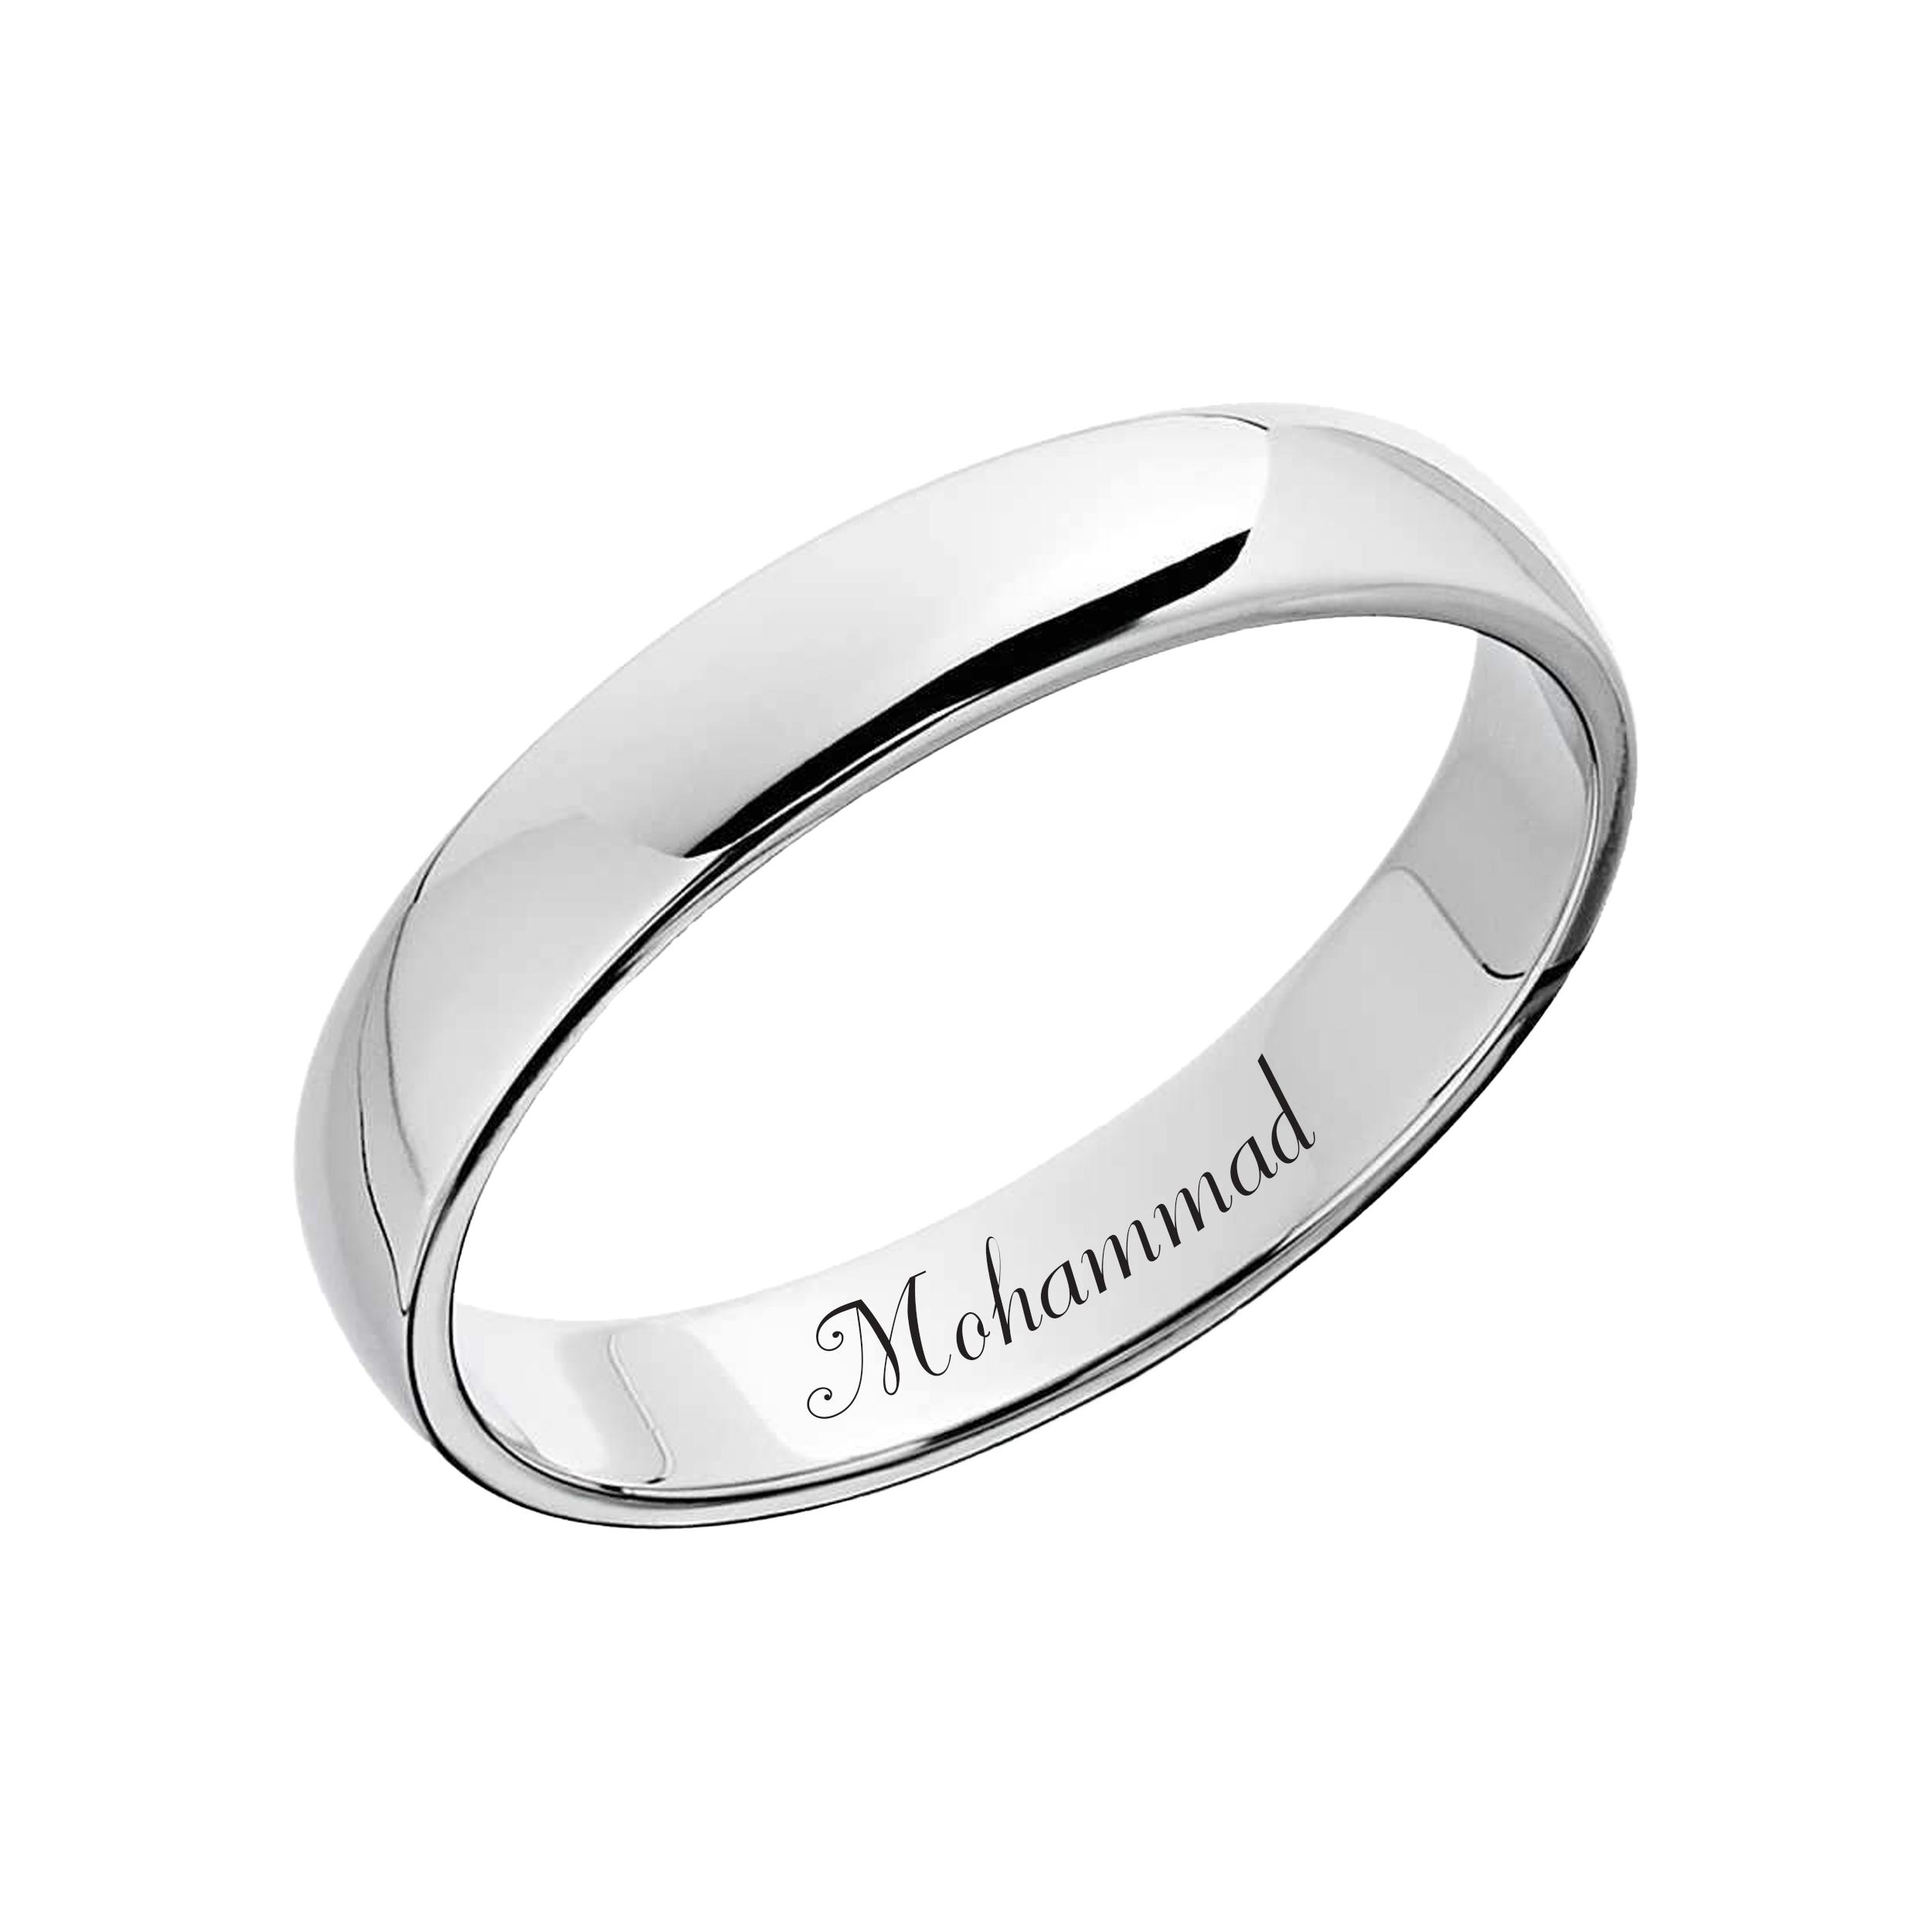 خرید                                      انگشتر ترمه ۱ مدل محمد